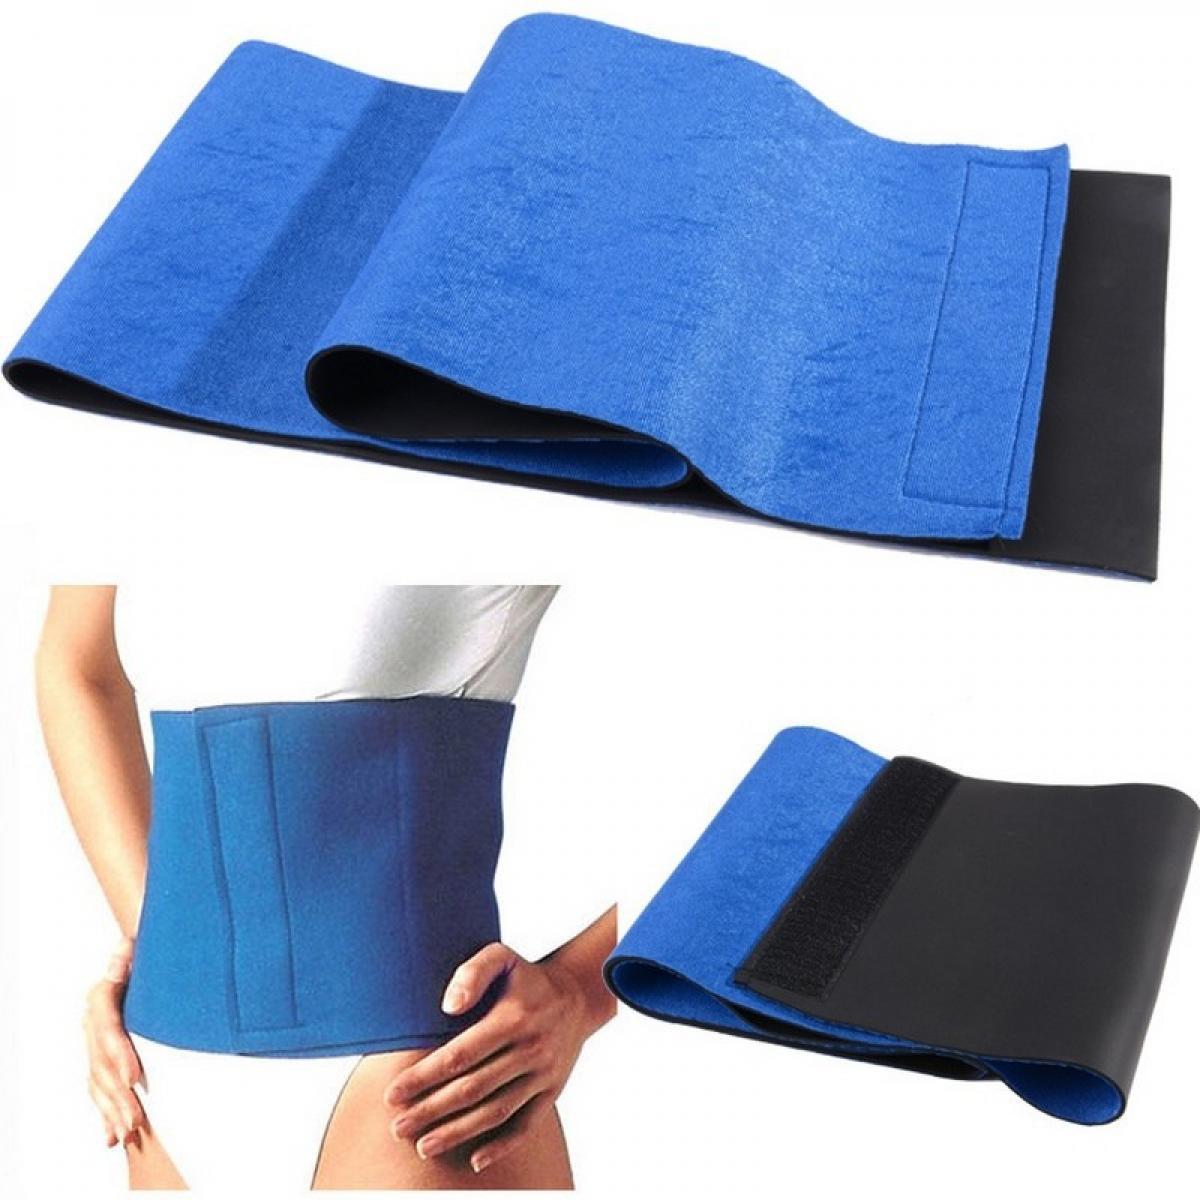 термопояс для похудения спортмастер